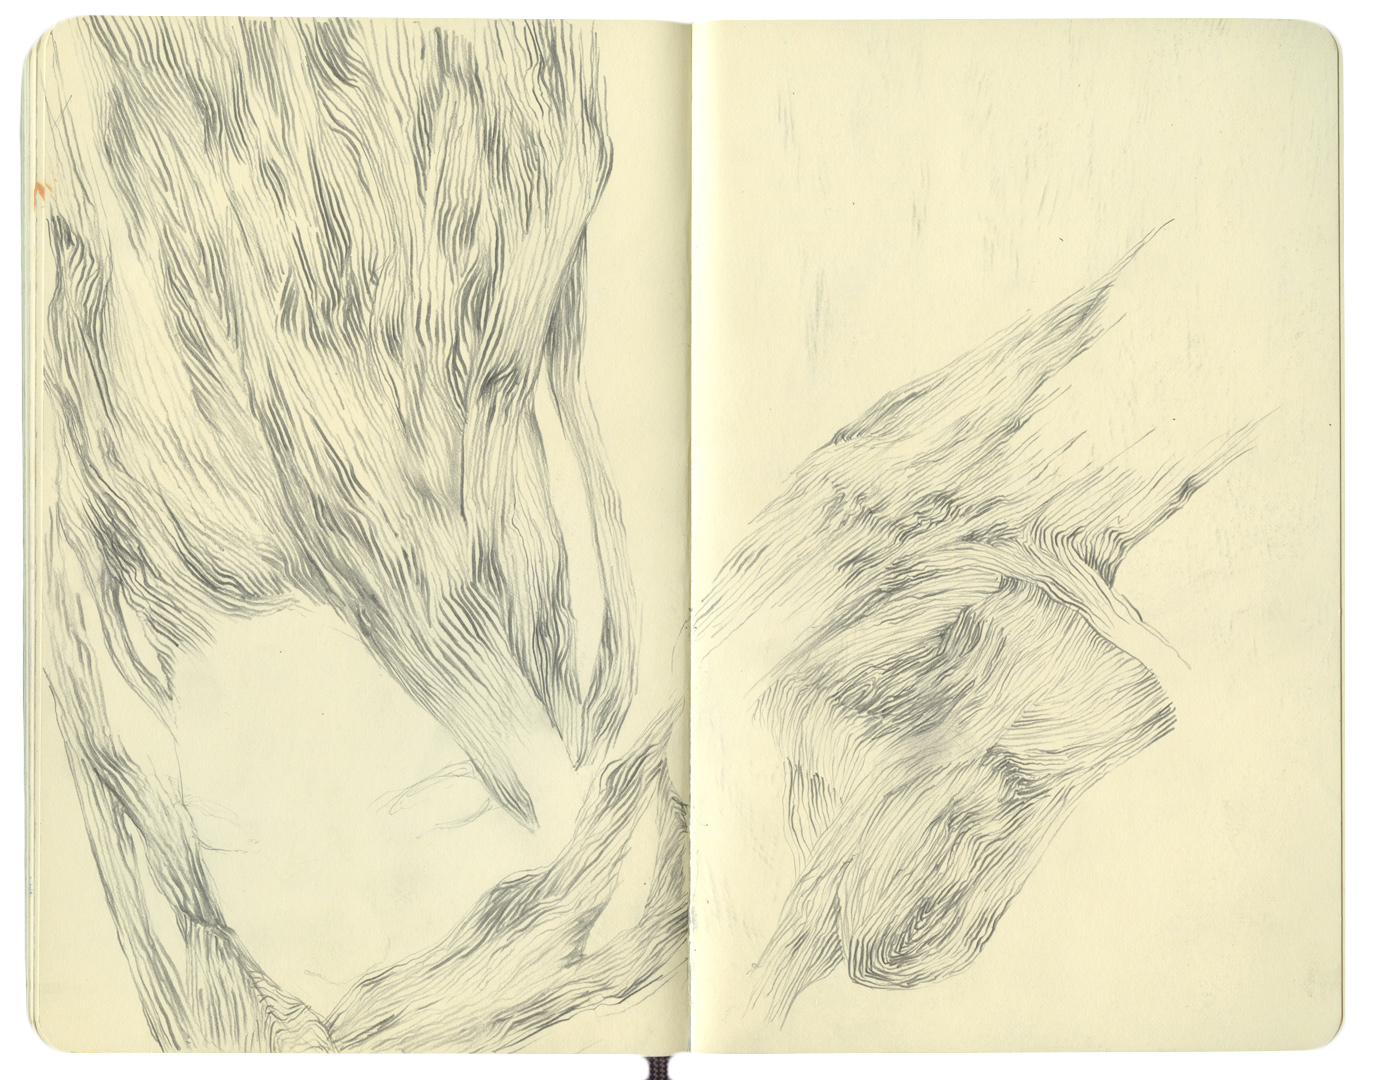 moleskine-sketchbook-07.jpg